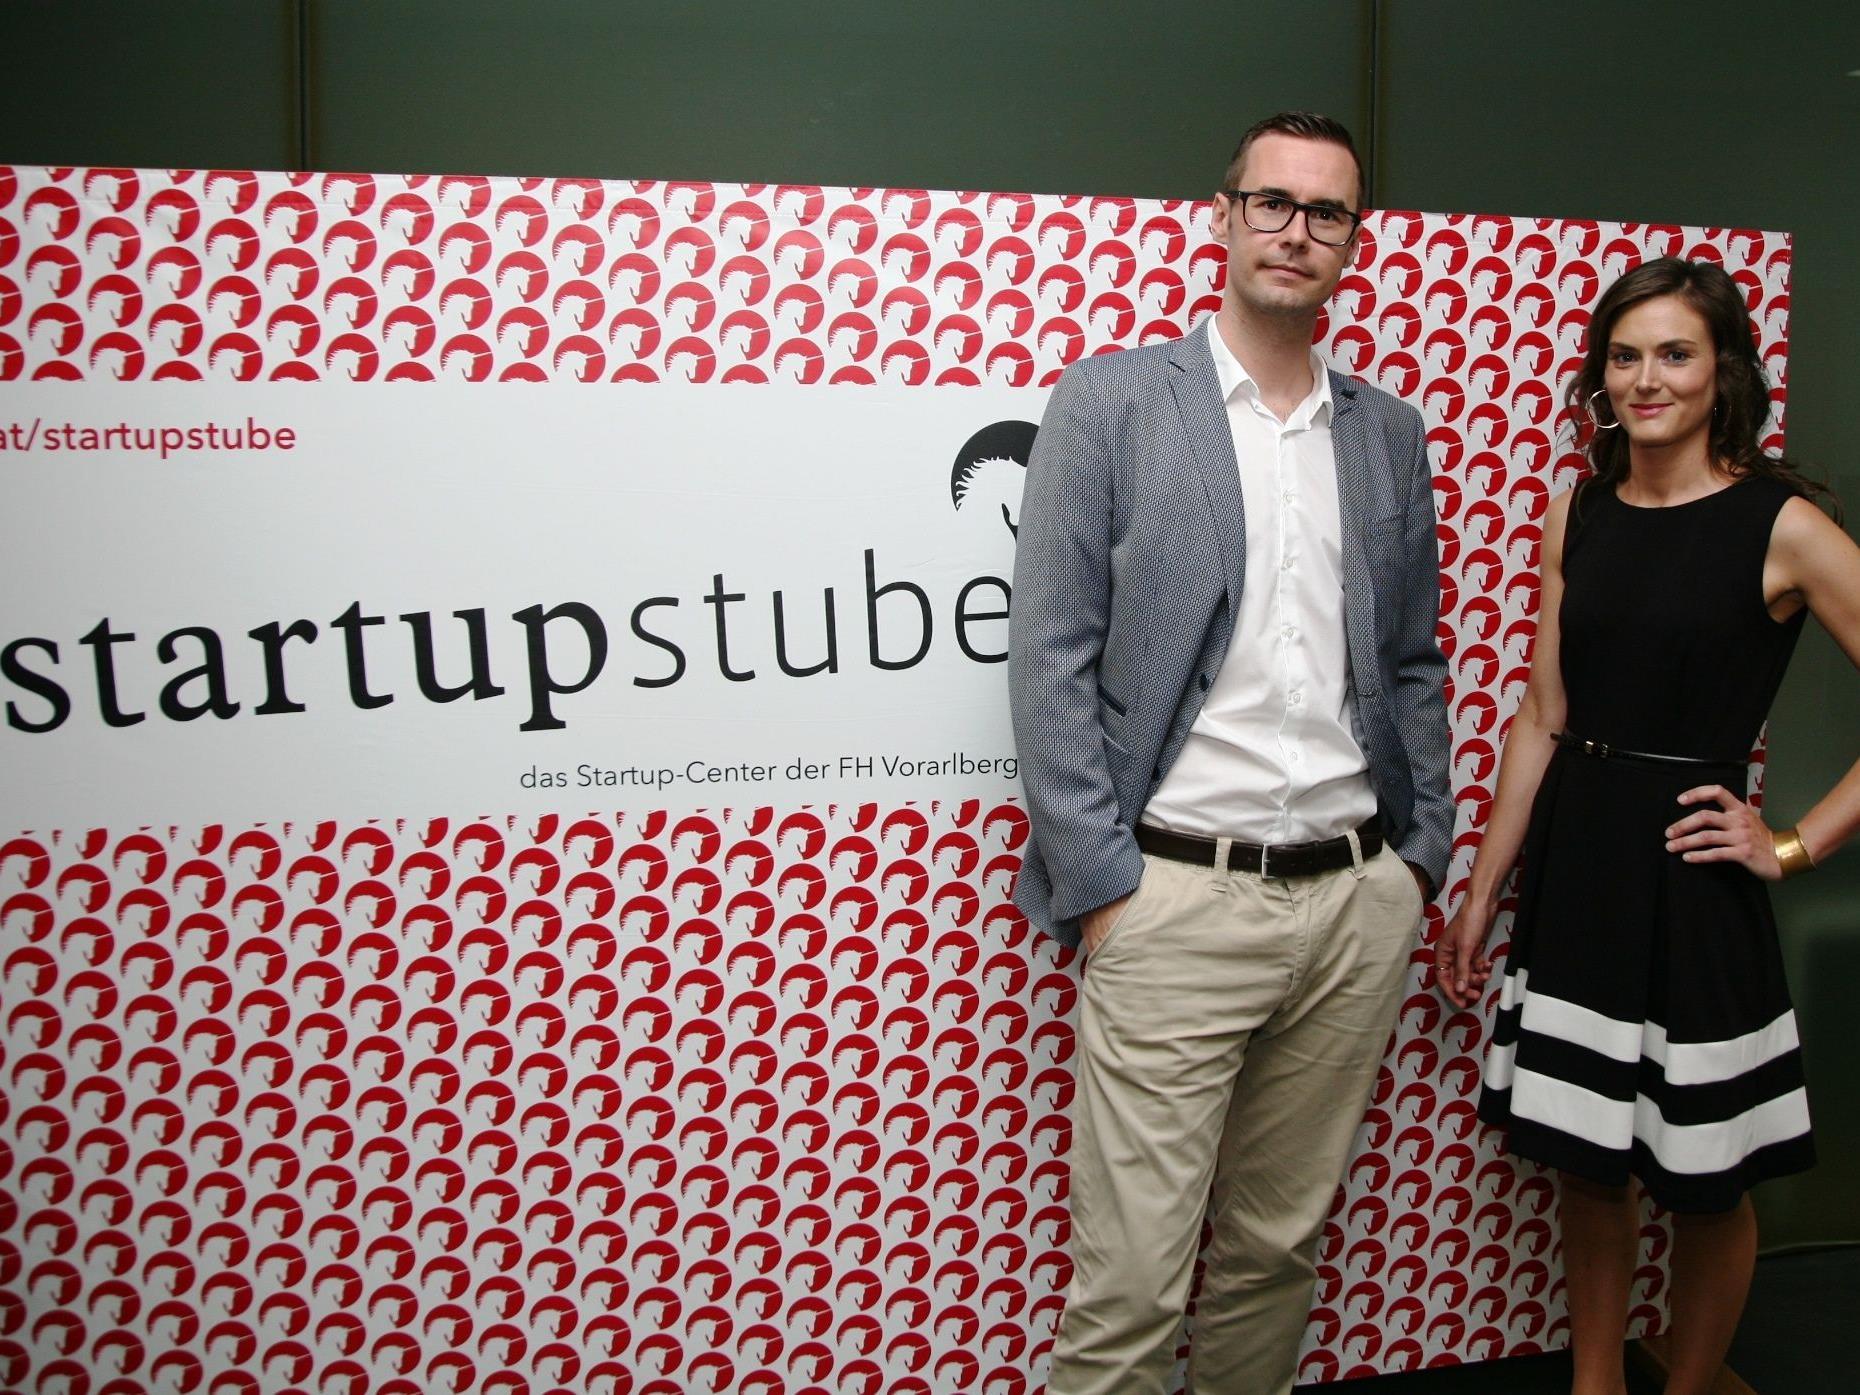 Gestern wurde die startupstube an der FH Vorarlberg eröffnet.